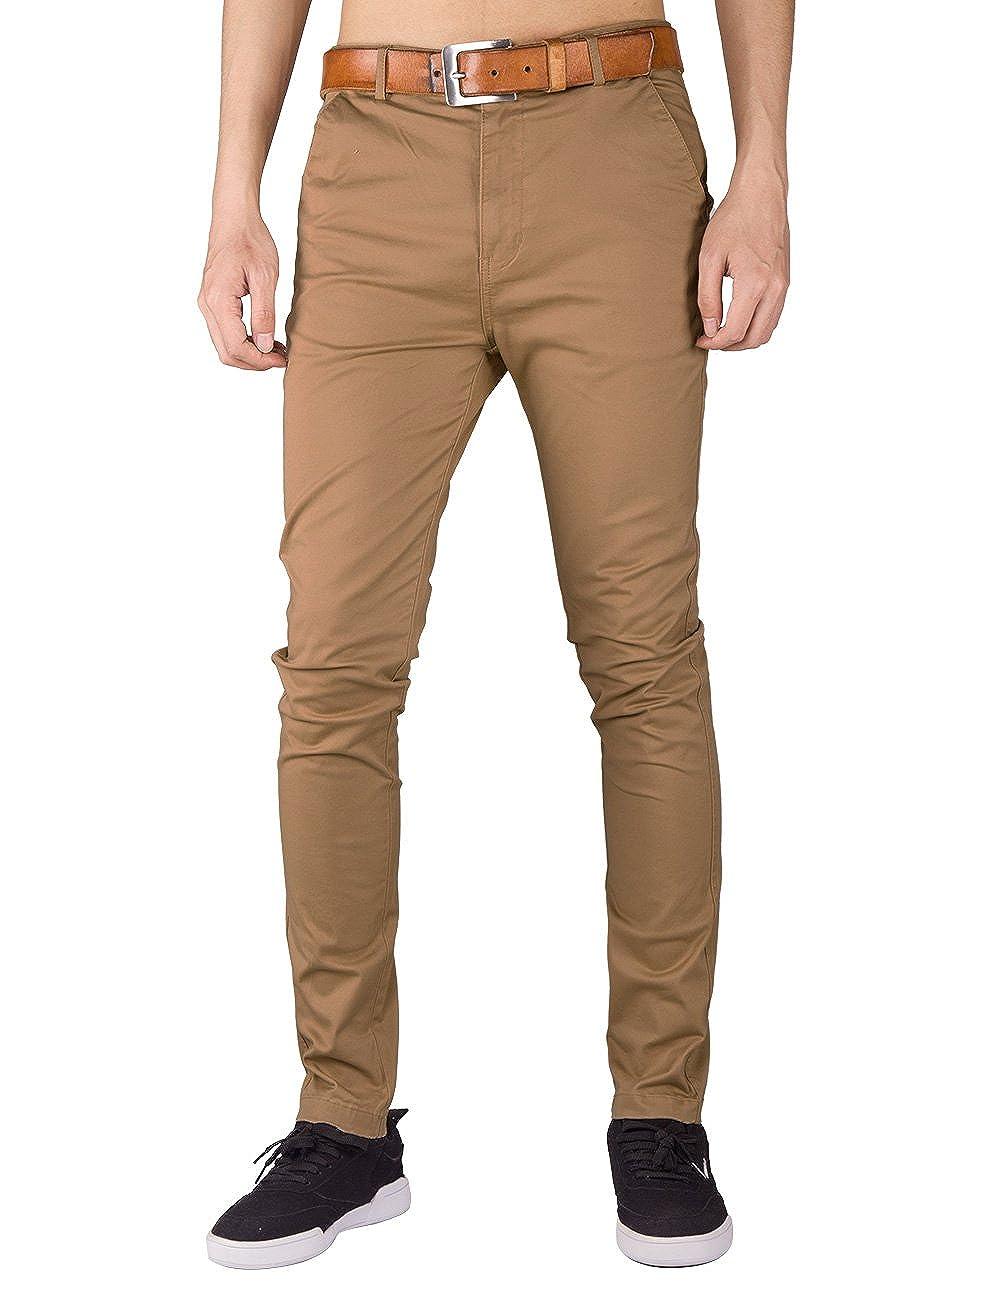 ITALY MORN Hombre Chino Casual Pantalón Algodón Slim Fit 10 Colores